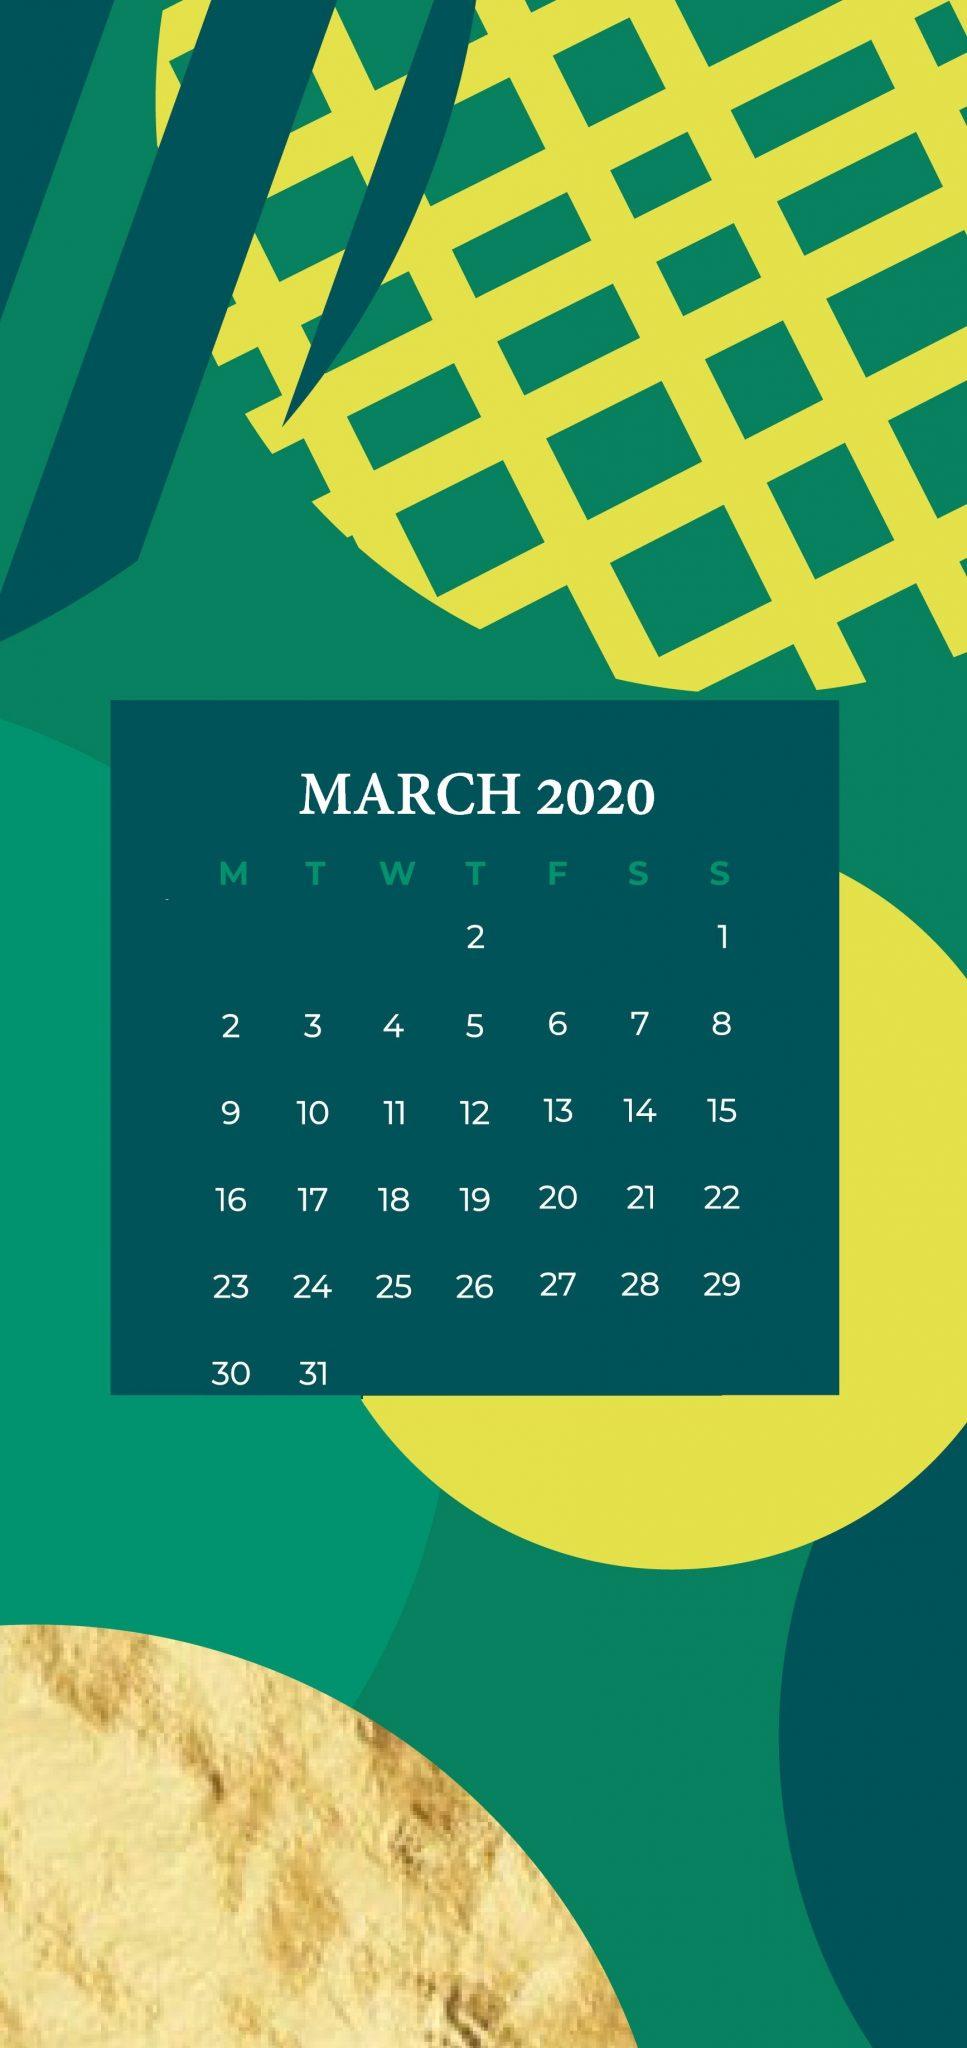 Cute March 2020 iPhone Calendar